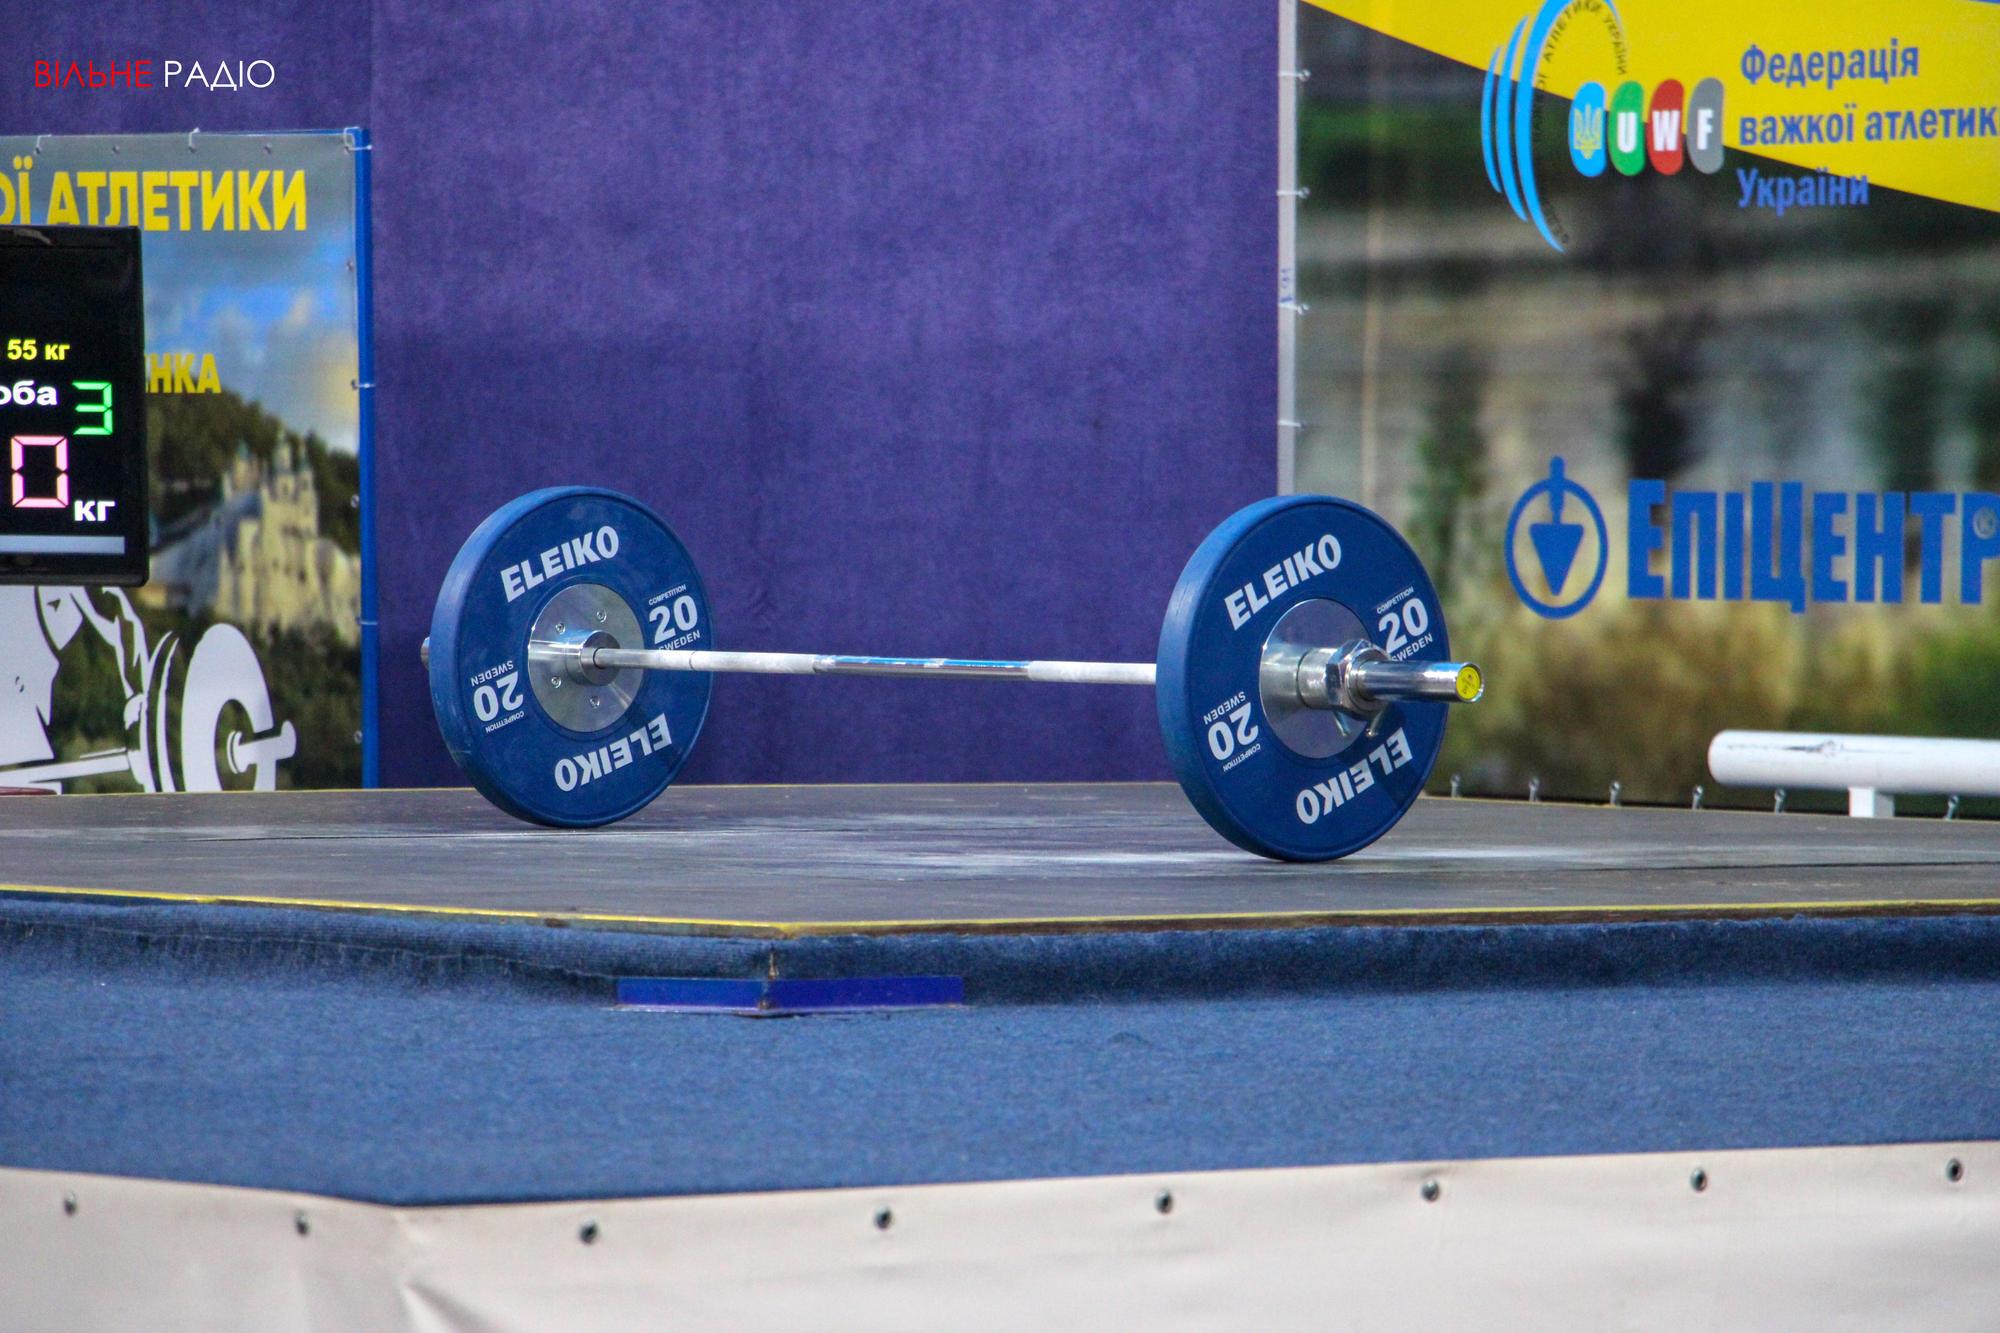 В Бахмуте впервые провели чемпионат Украины по тяжелой атлетике среди молодежи